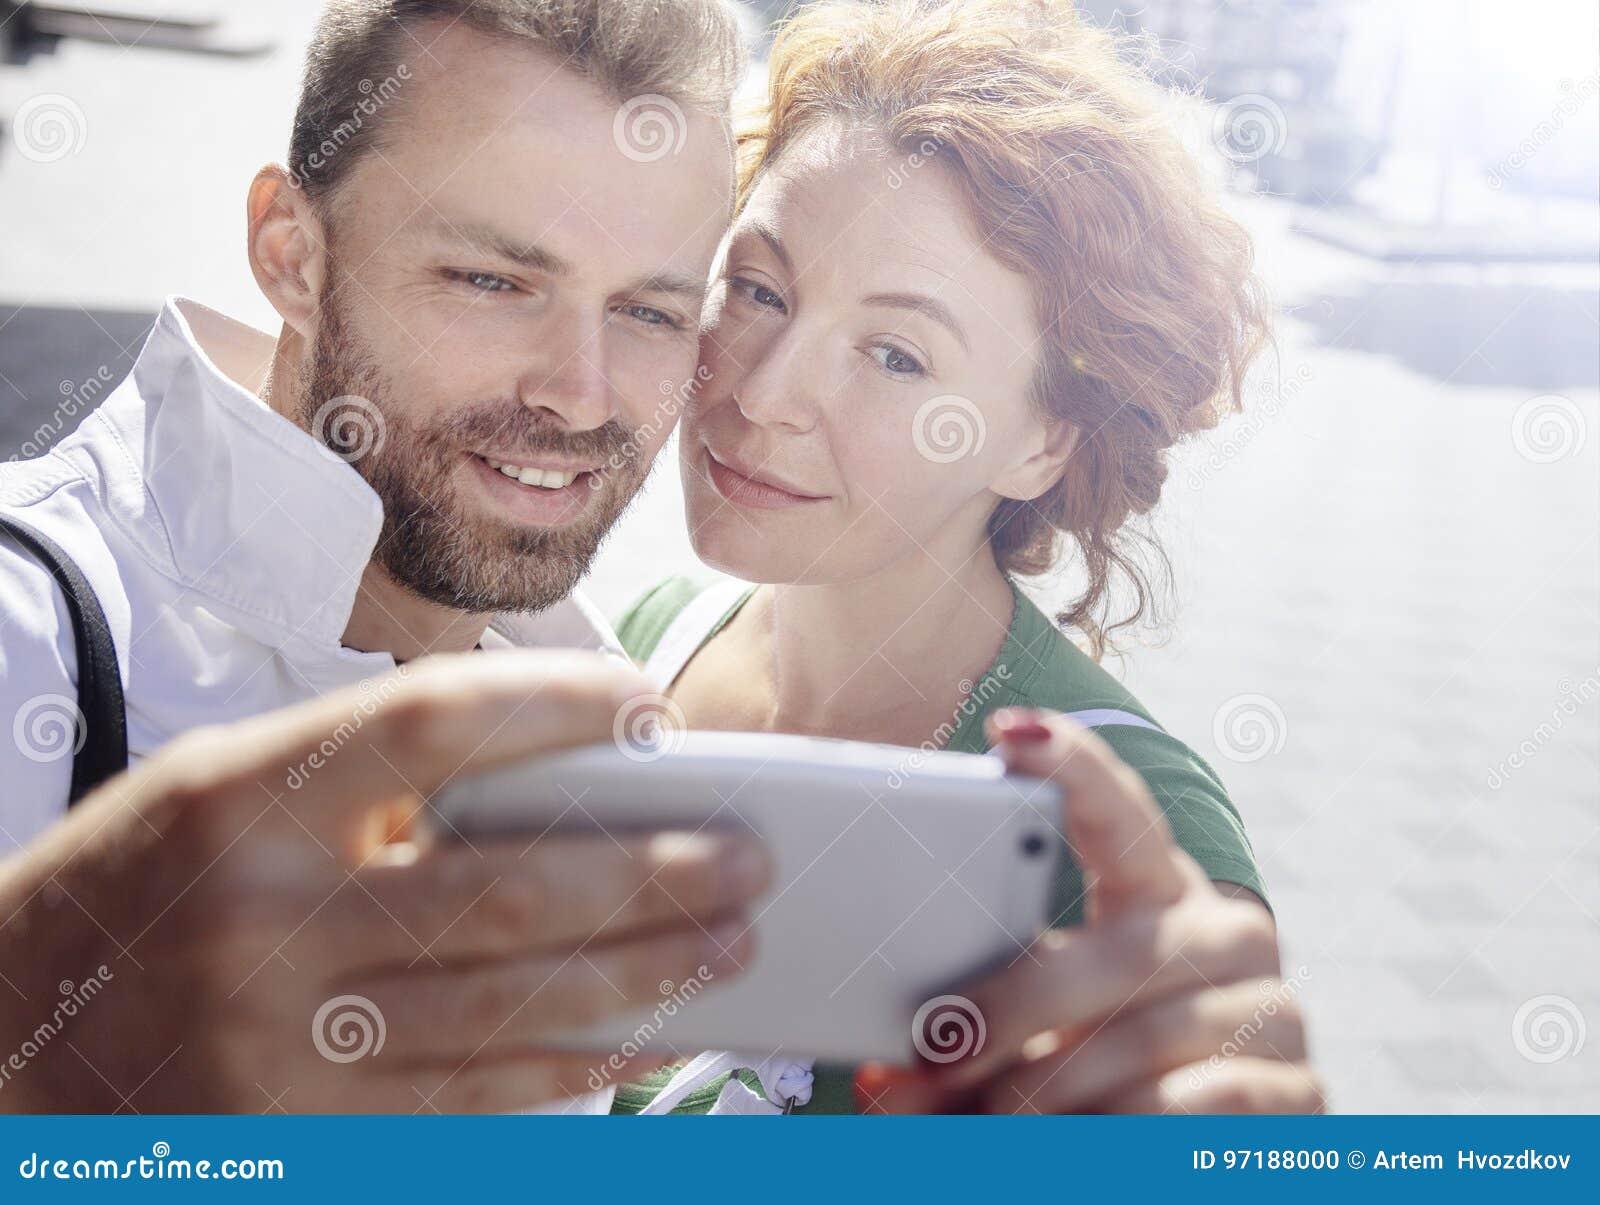 Усмехаясь человек и женщина фотографируя на мобильном телефоне, предпосылке улицы День, внешний